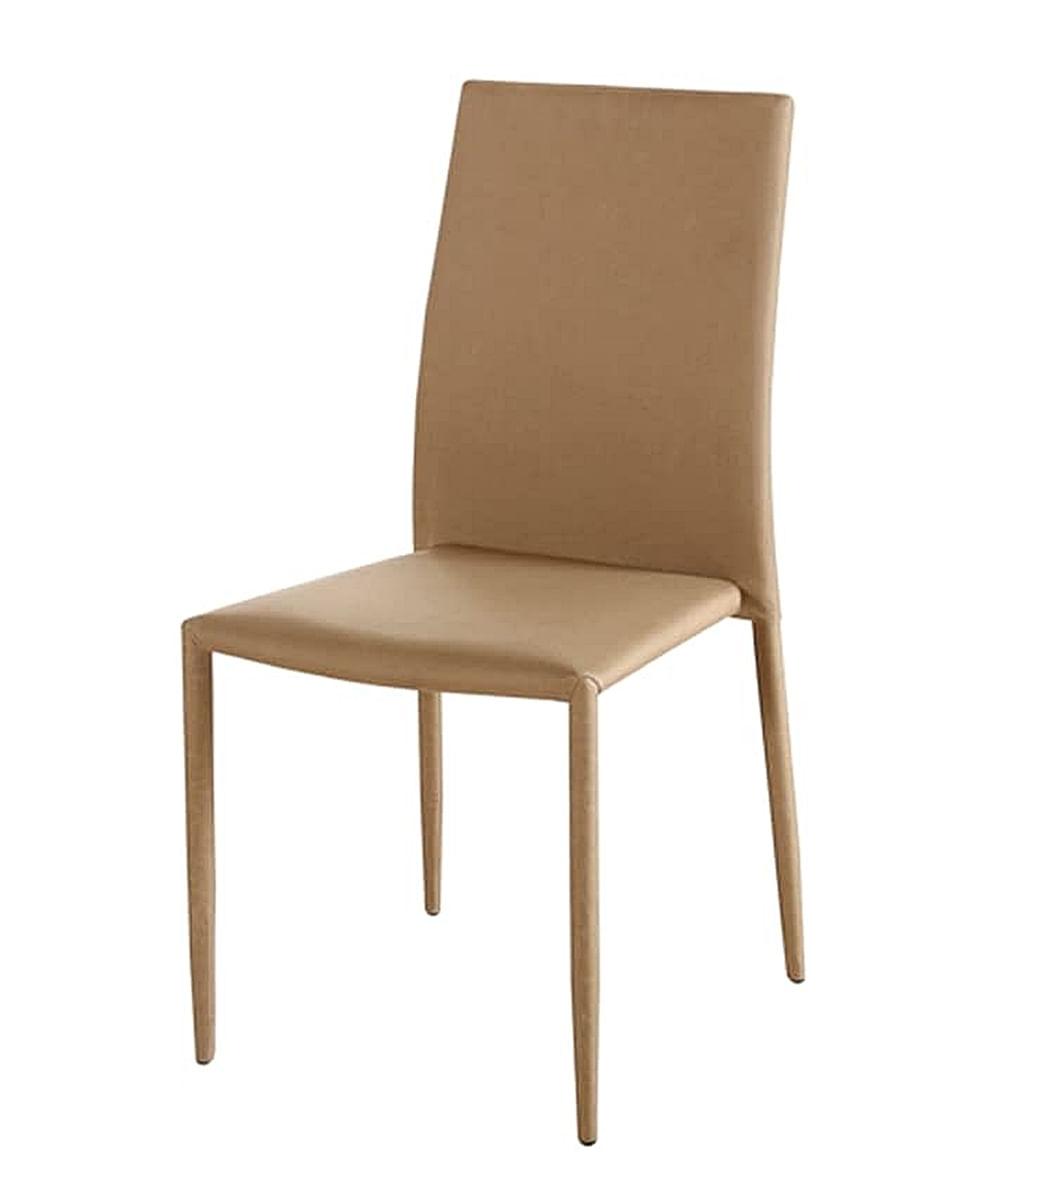 Cadeira Amanda 6606 Estrutura Metal Revestido em Poliester cor Bege Escuro - 44946